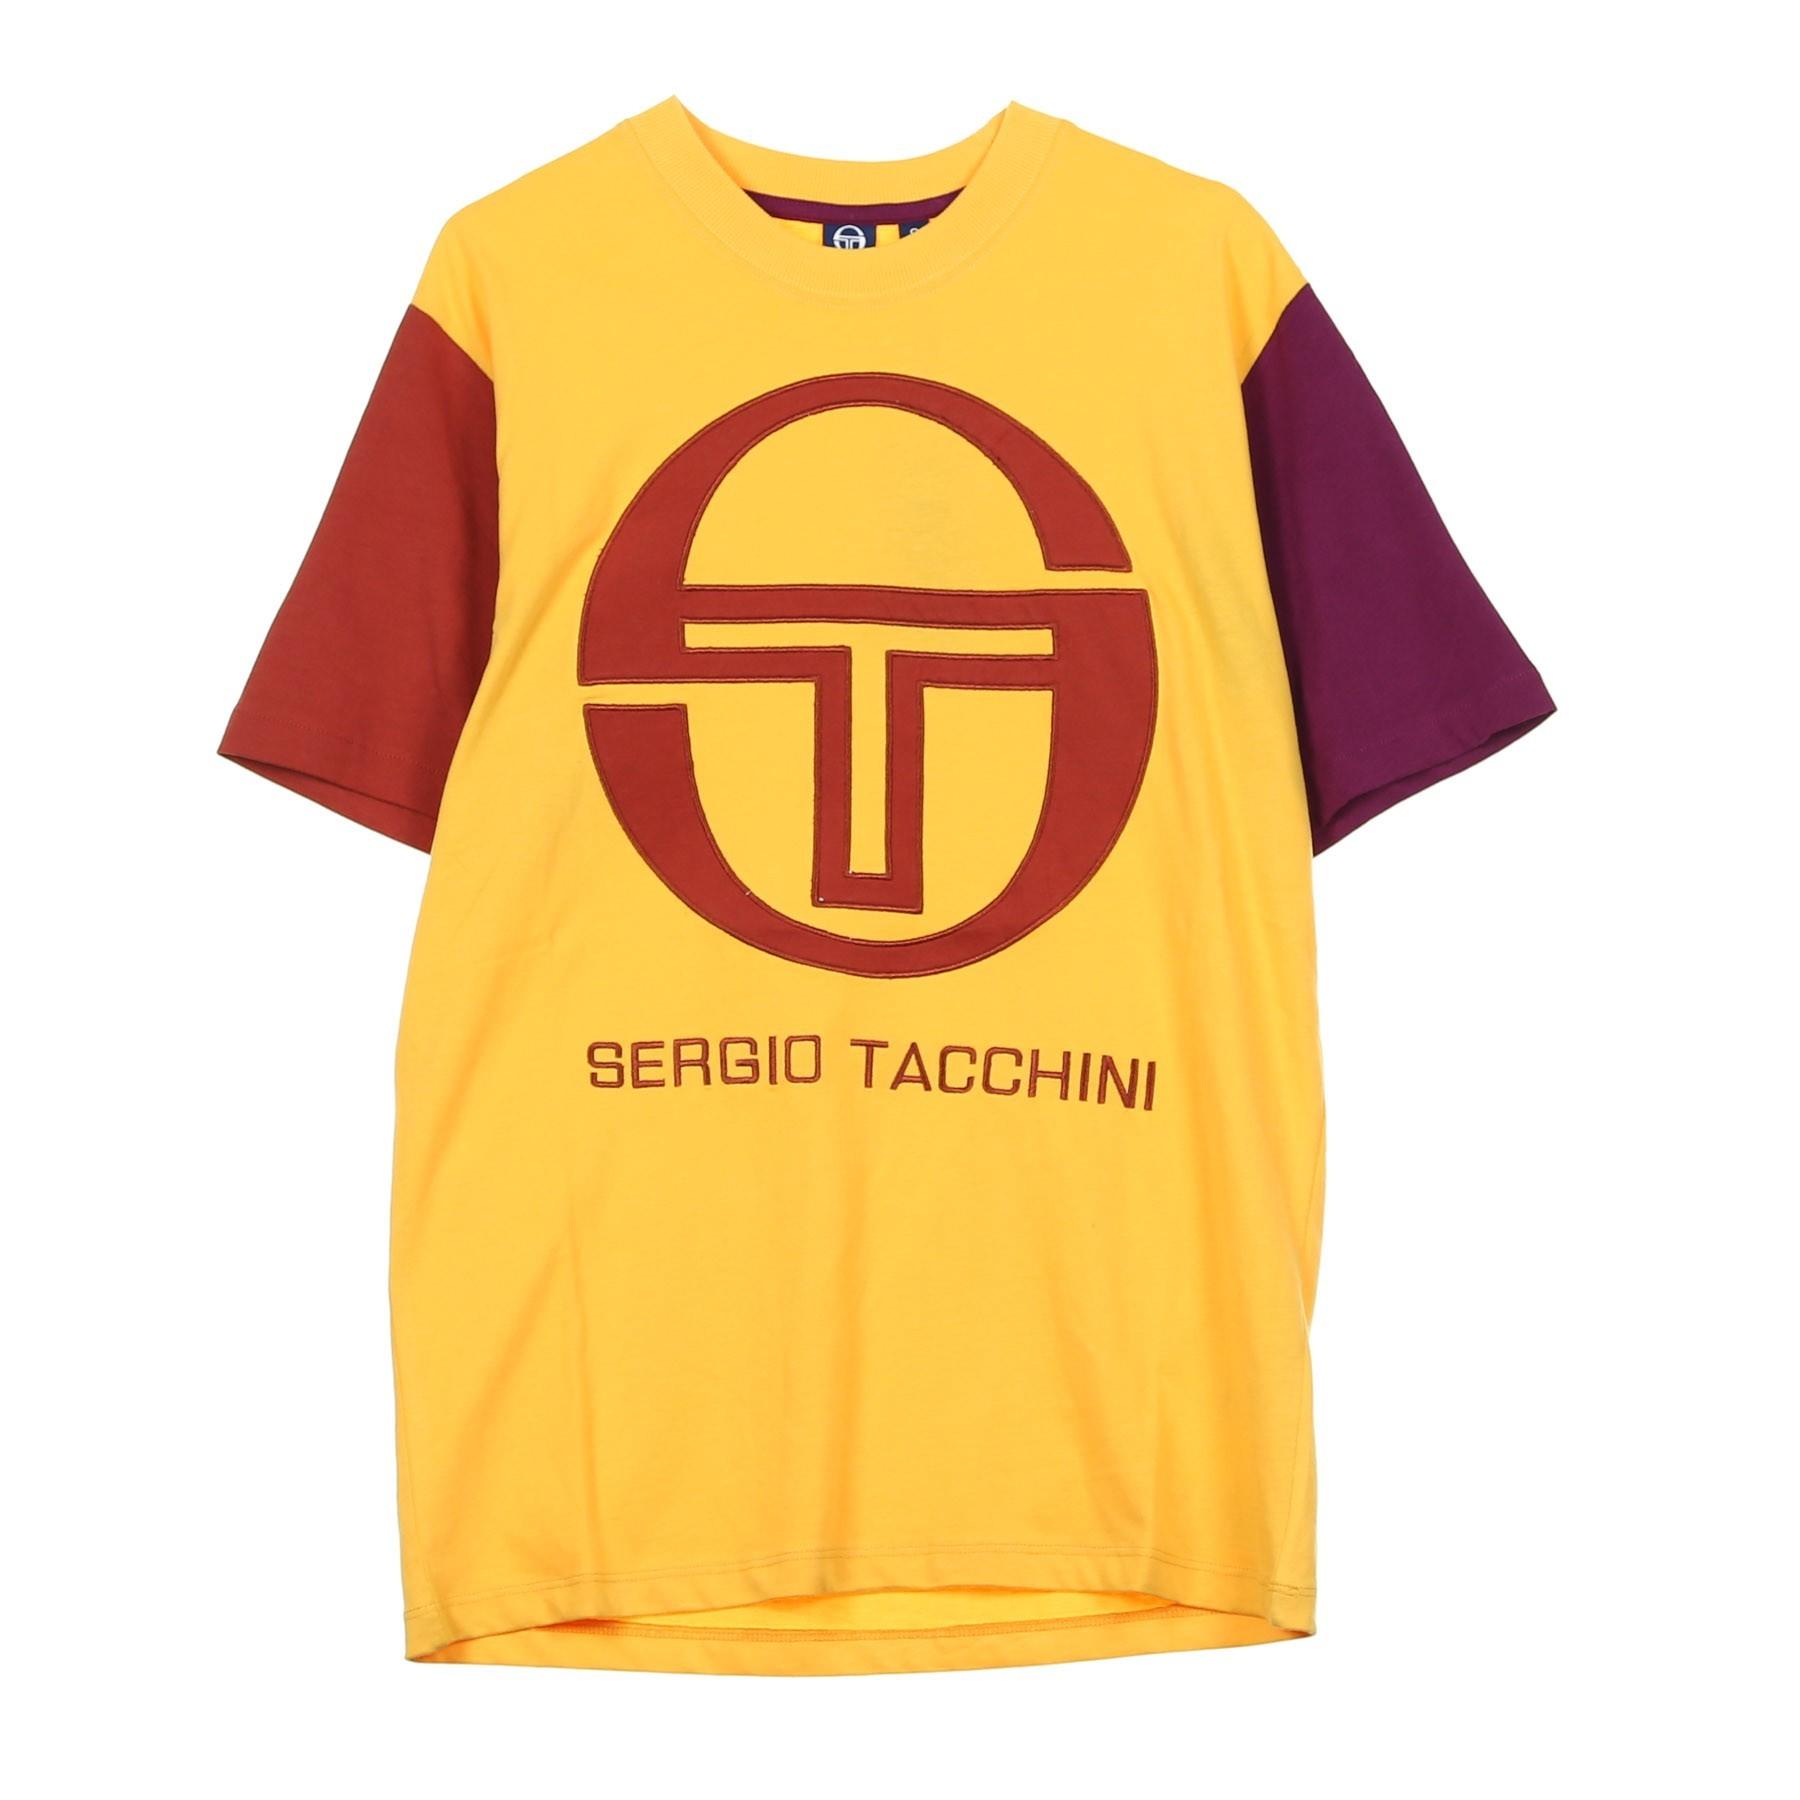 9515b9dd106 SERGIO TACCHINI. MAGLIETTA ICONA GOLD ORANGE